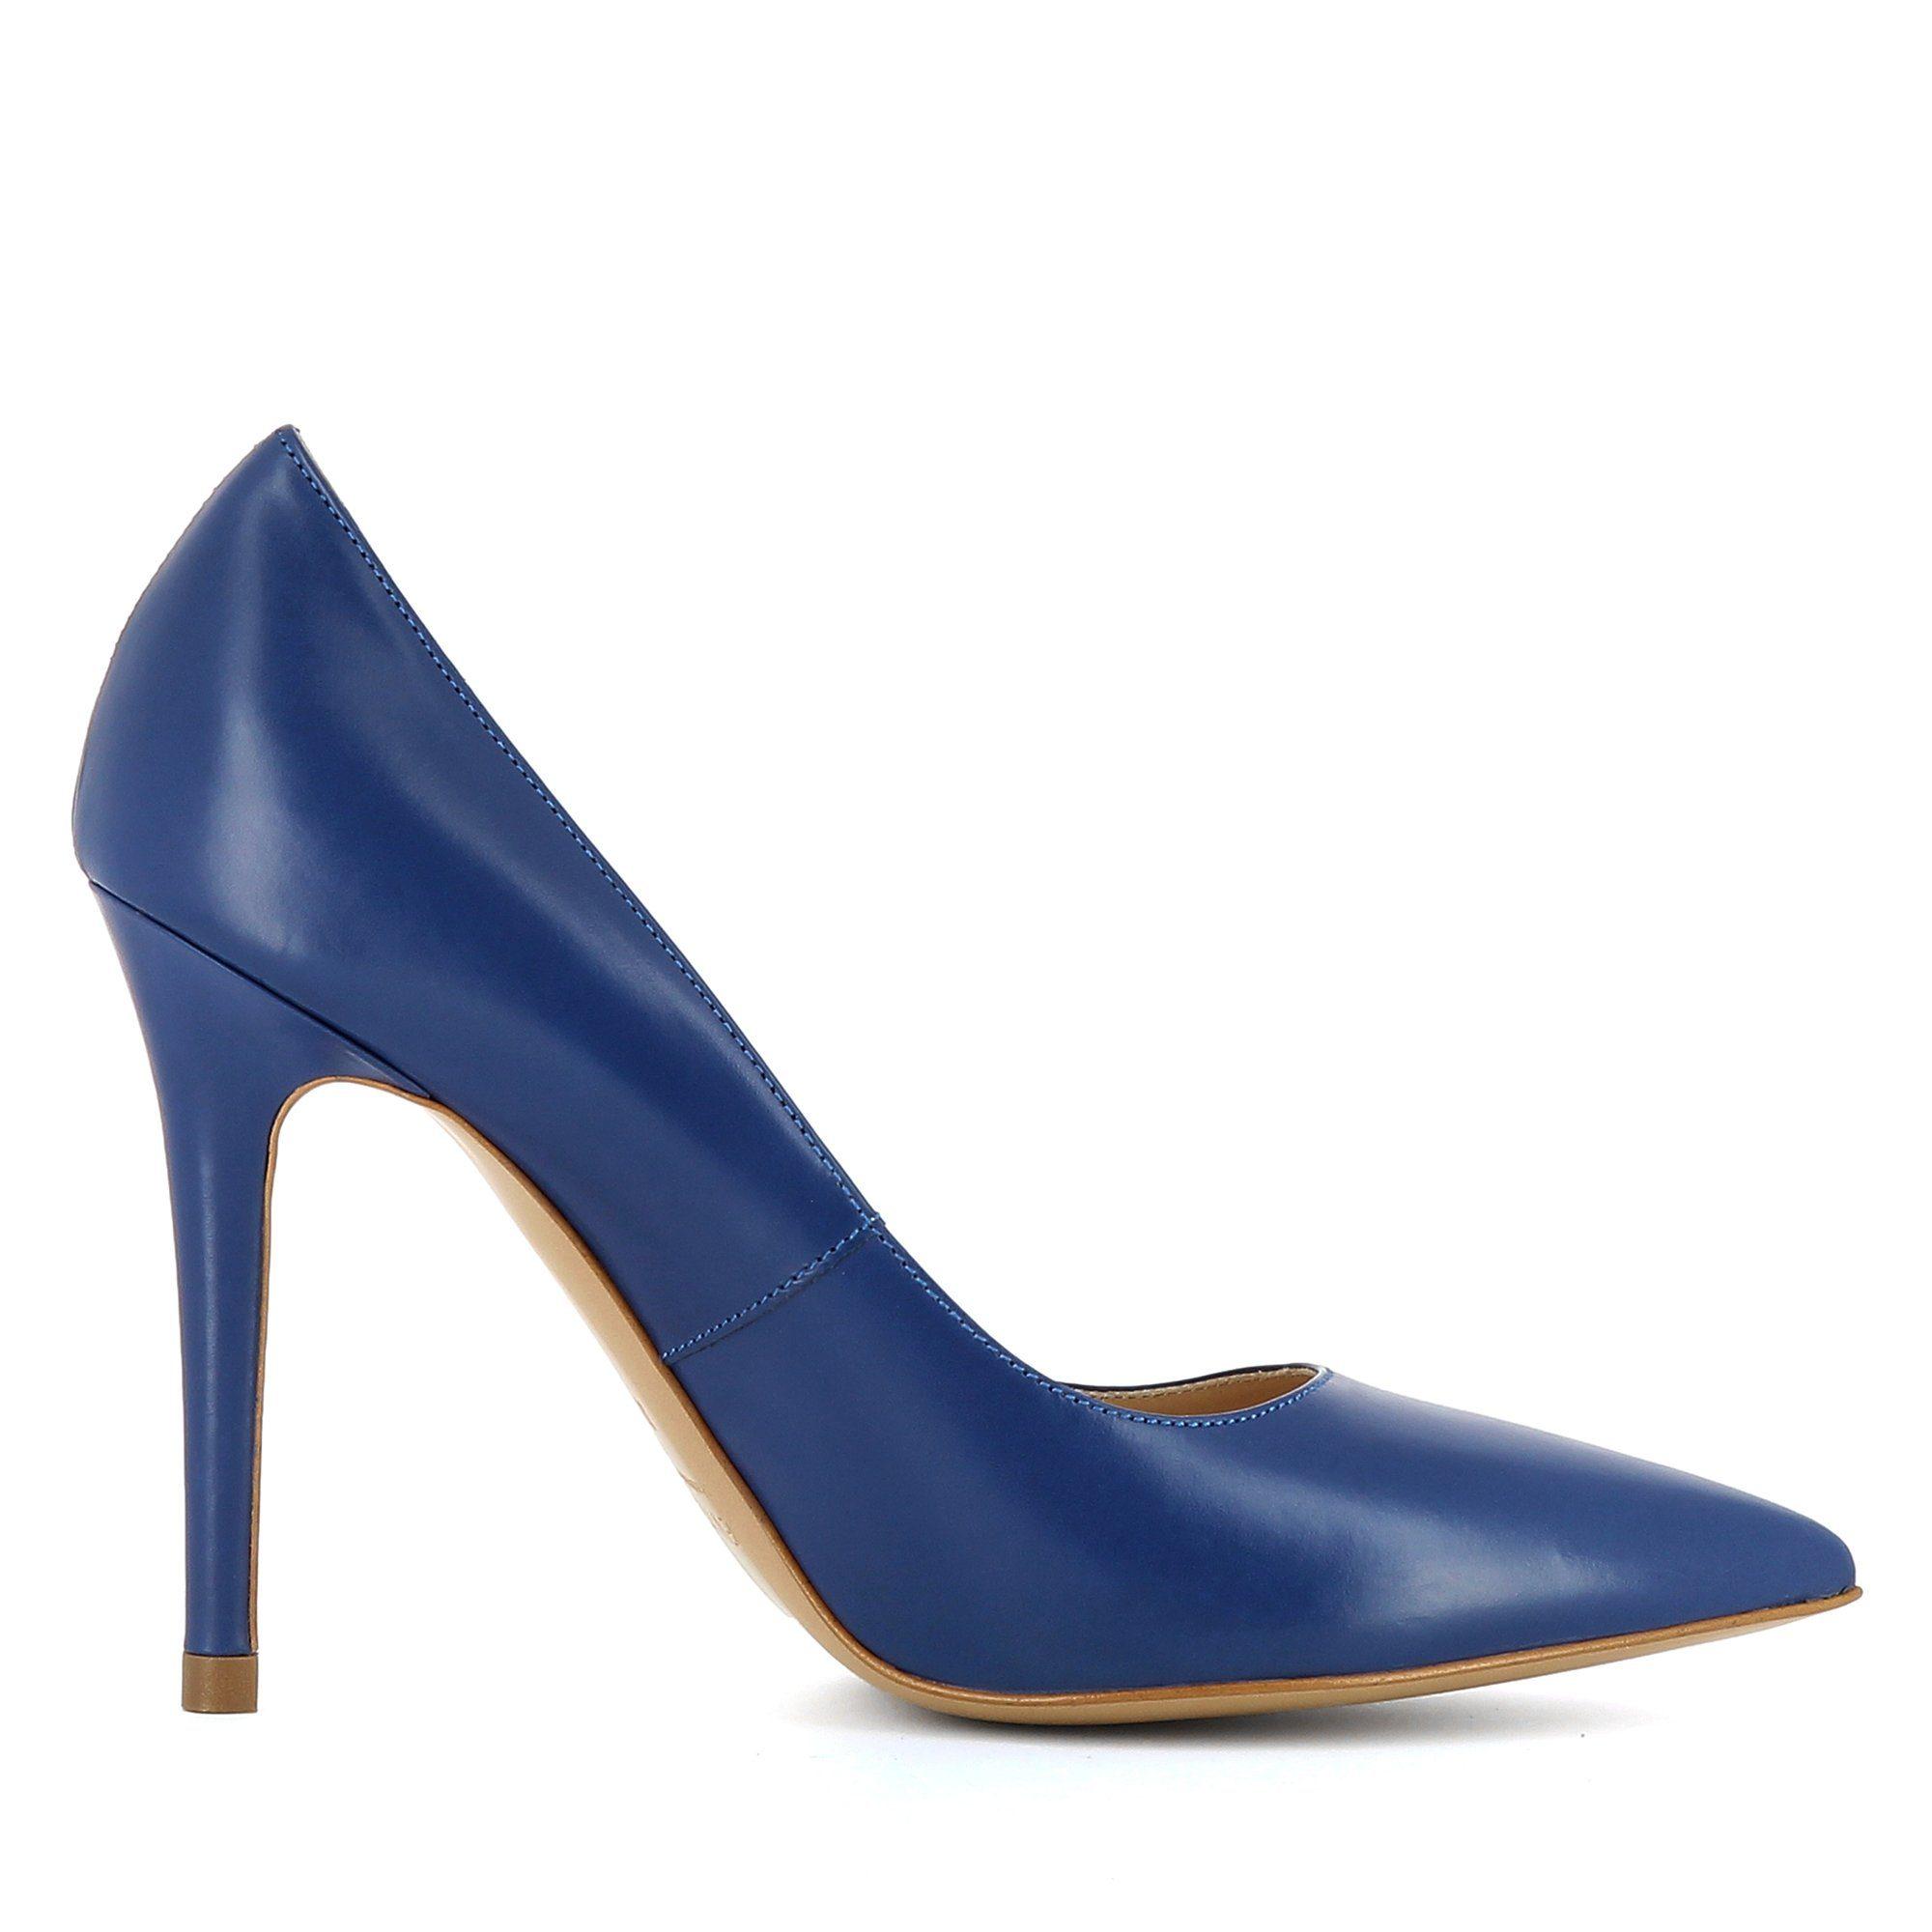 Evita ALINA High-Heel-Pumps, Pumps  online kaufen  Pumps blau e9fc04